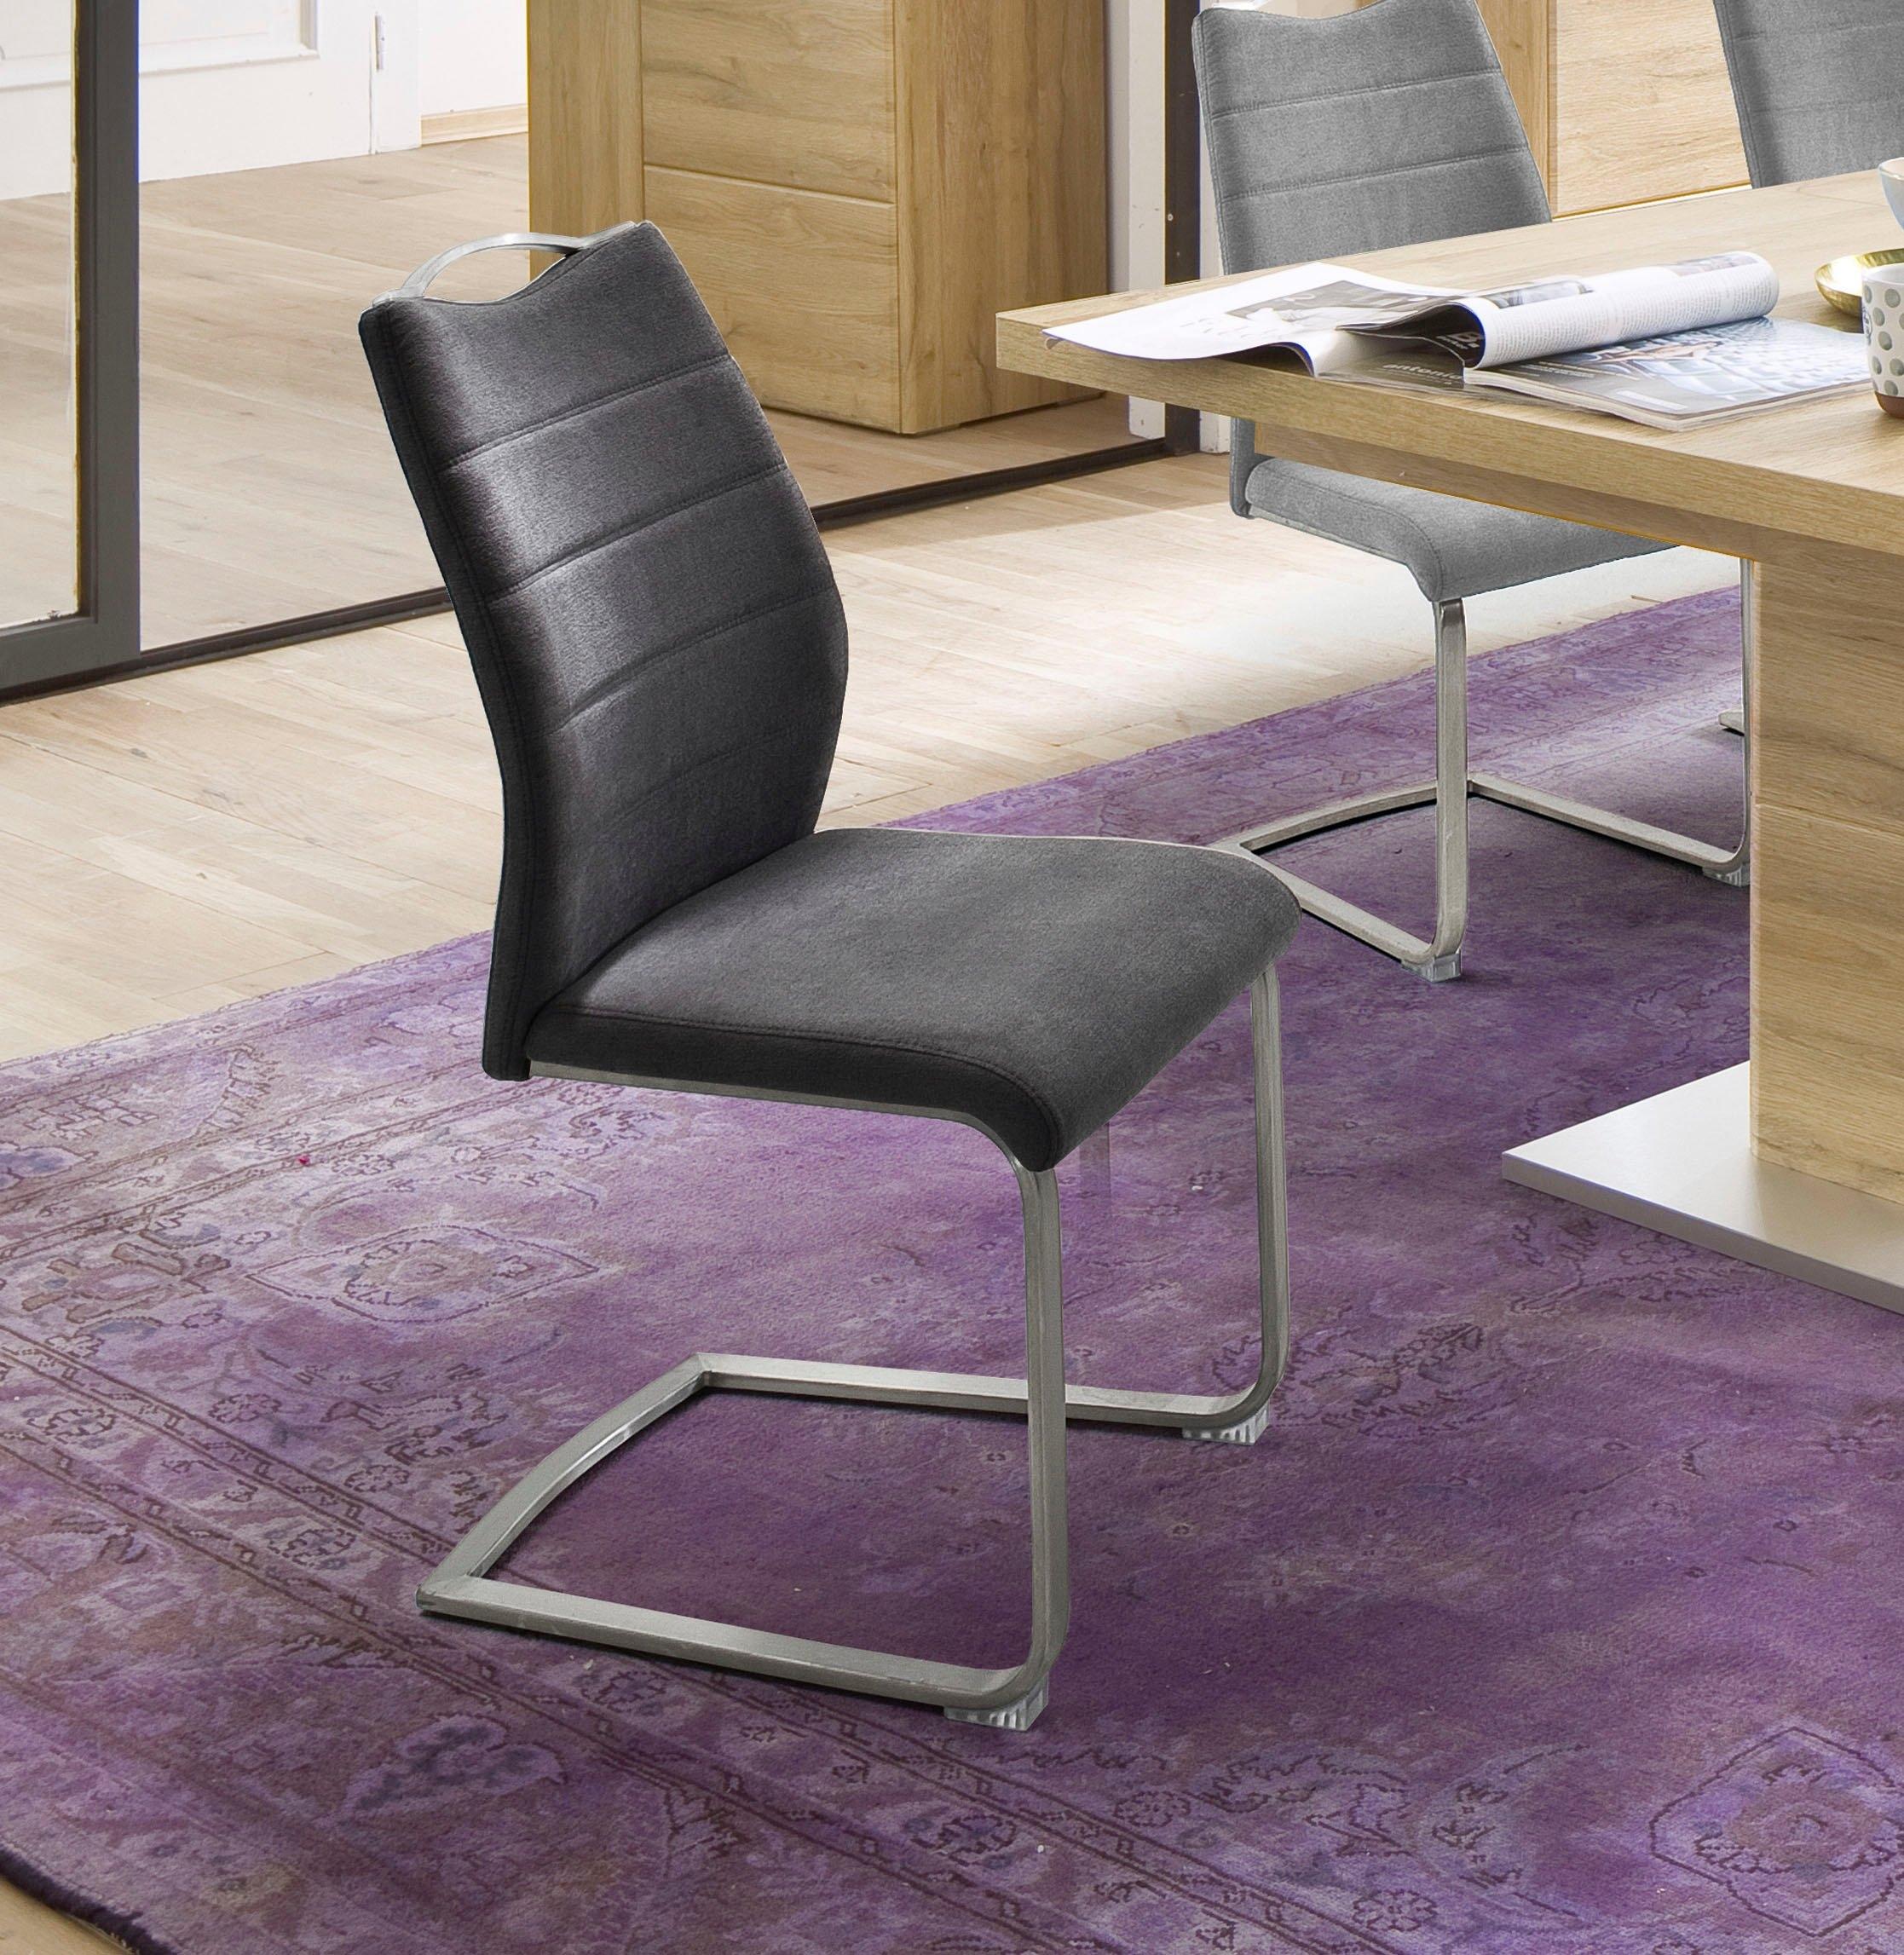 MCA furniture vrijdragende stoel Ferrera Stoel belastbaar tot 140 Kg (set, 2 stuks) nu online kopen bij OTTO